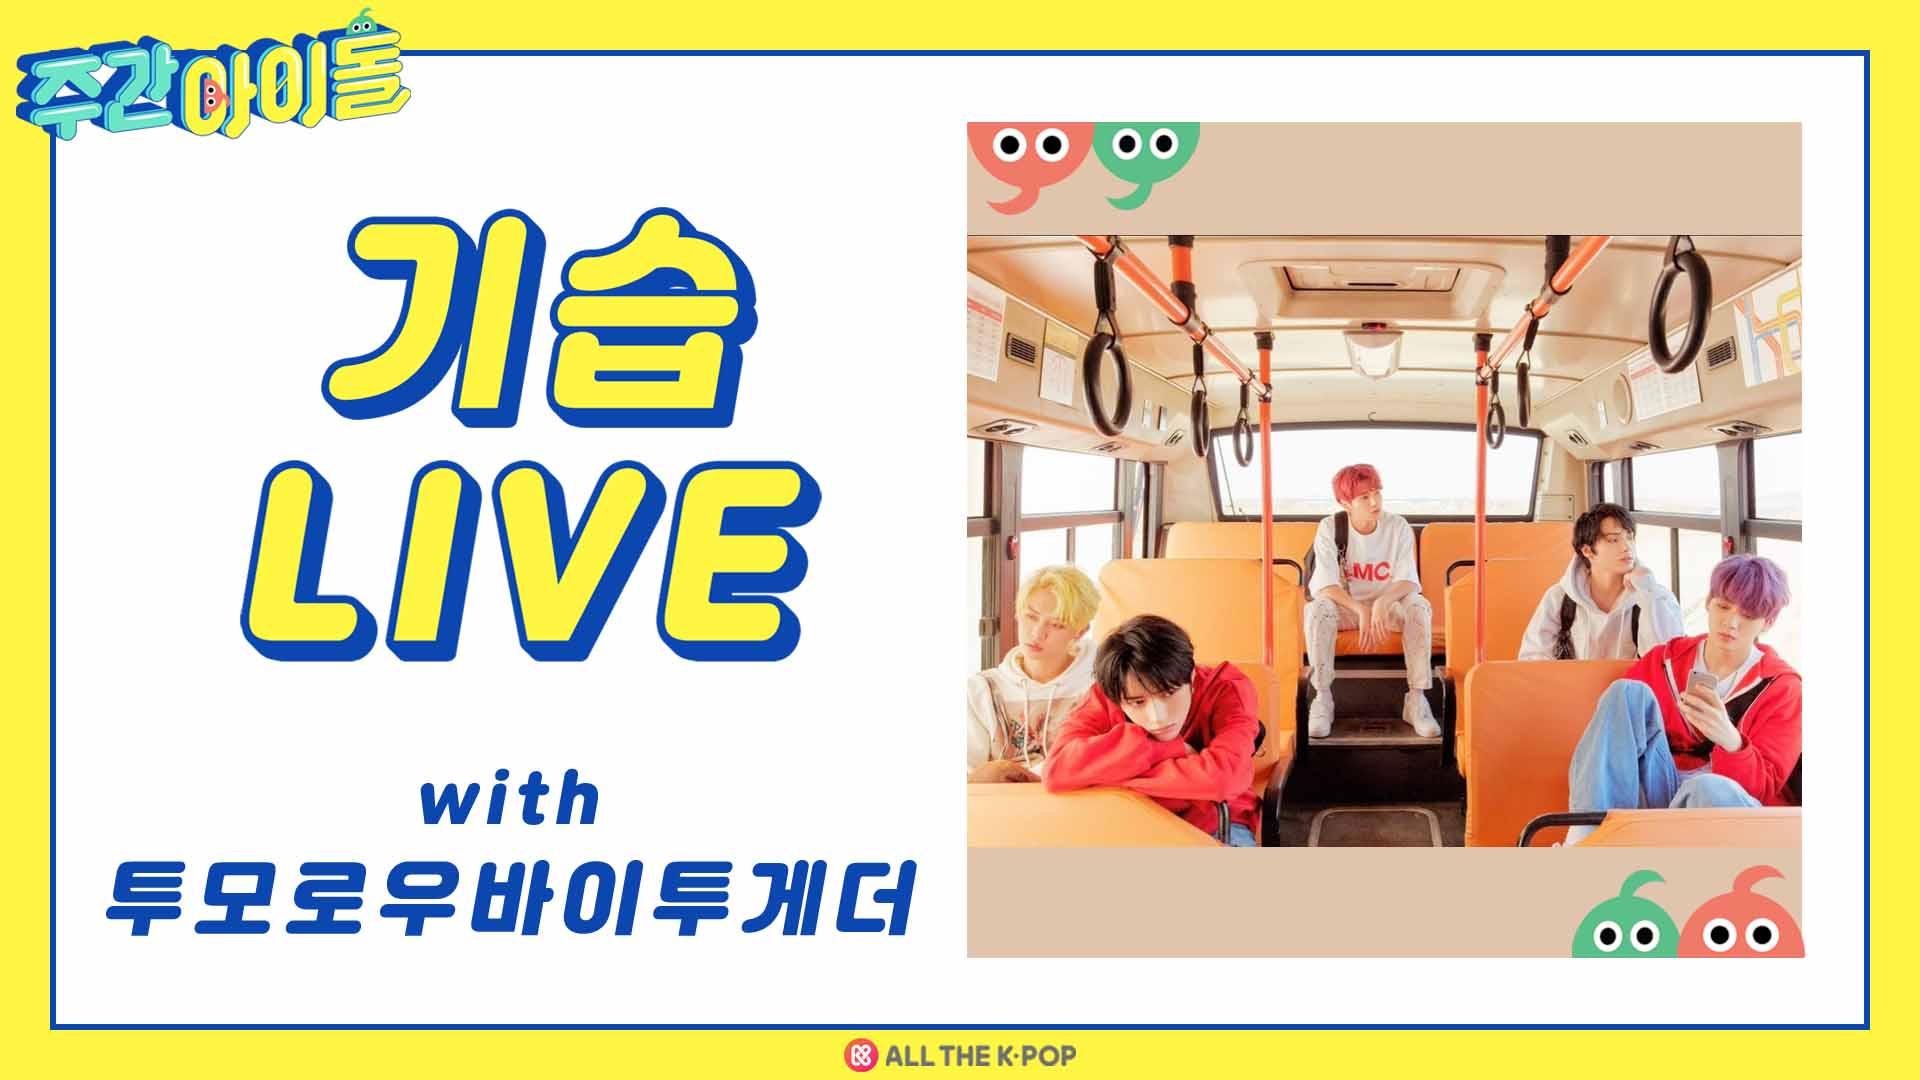 [주간아이돌] 기습 라이브 with 투모로우바이투게더